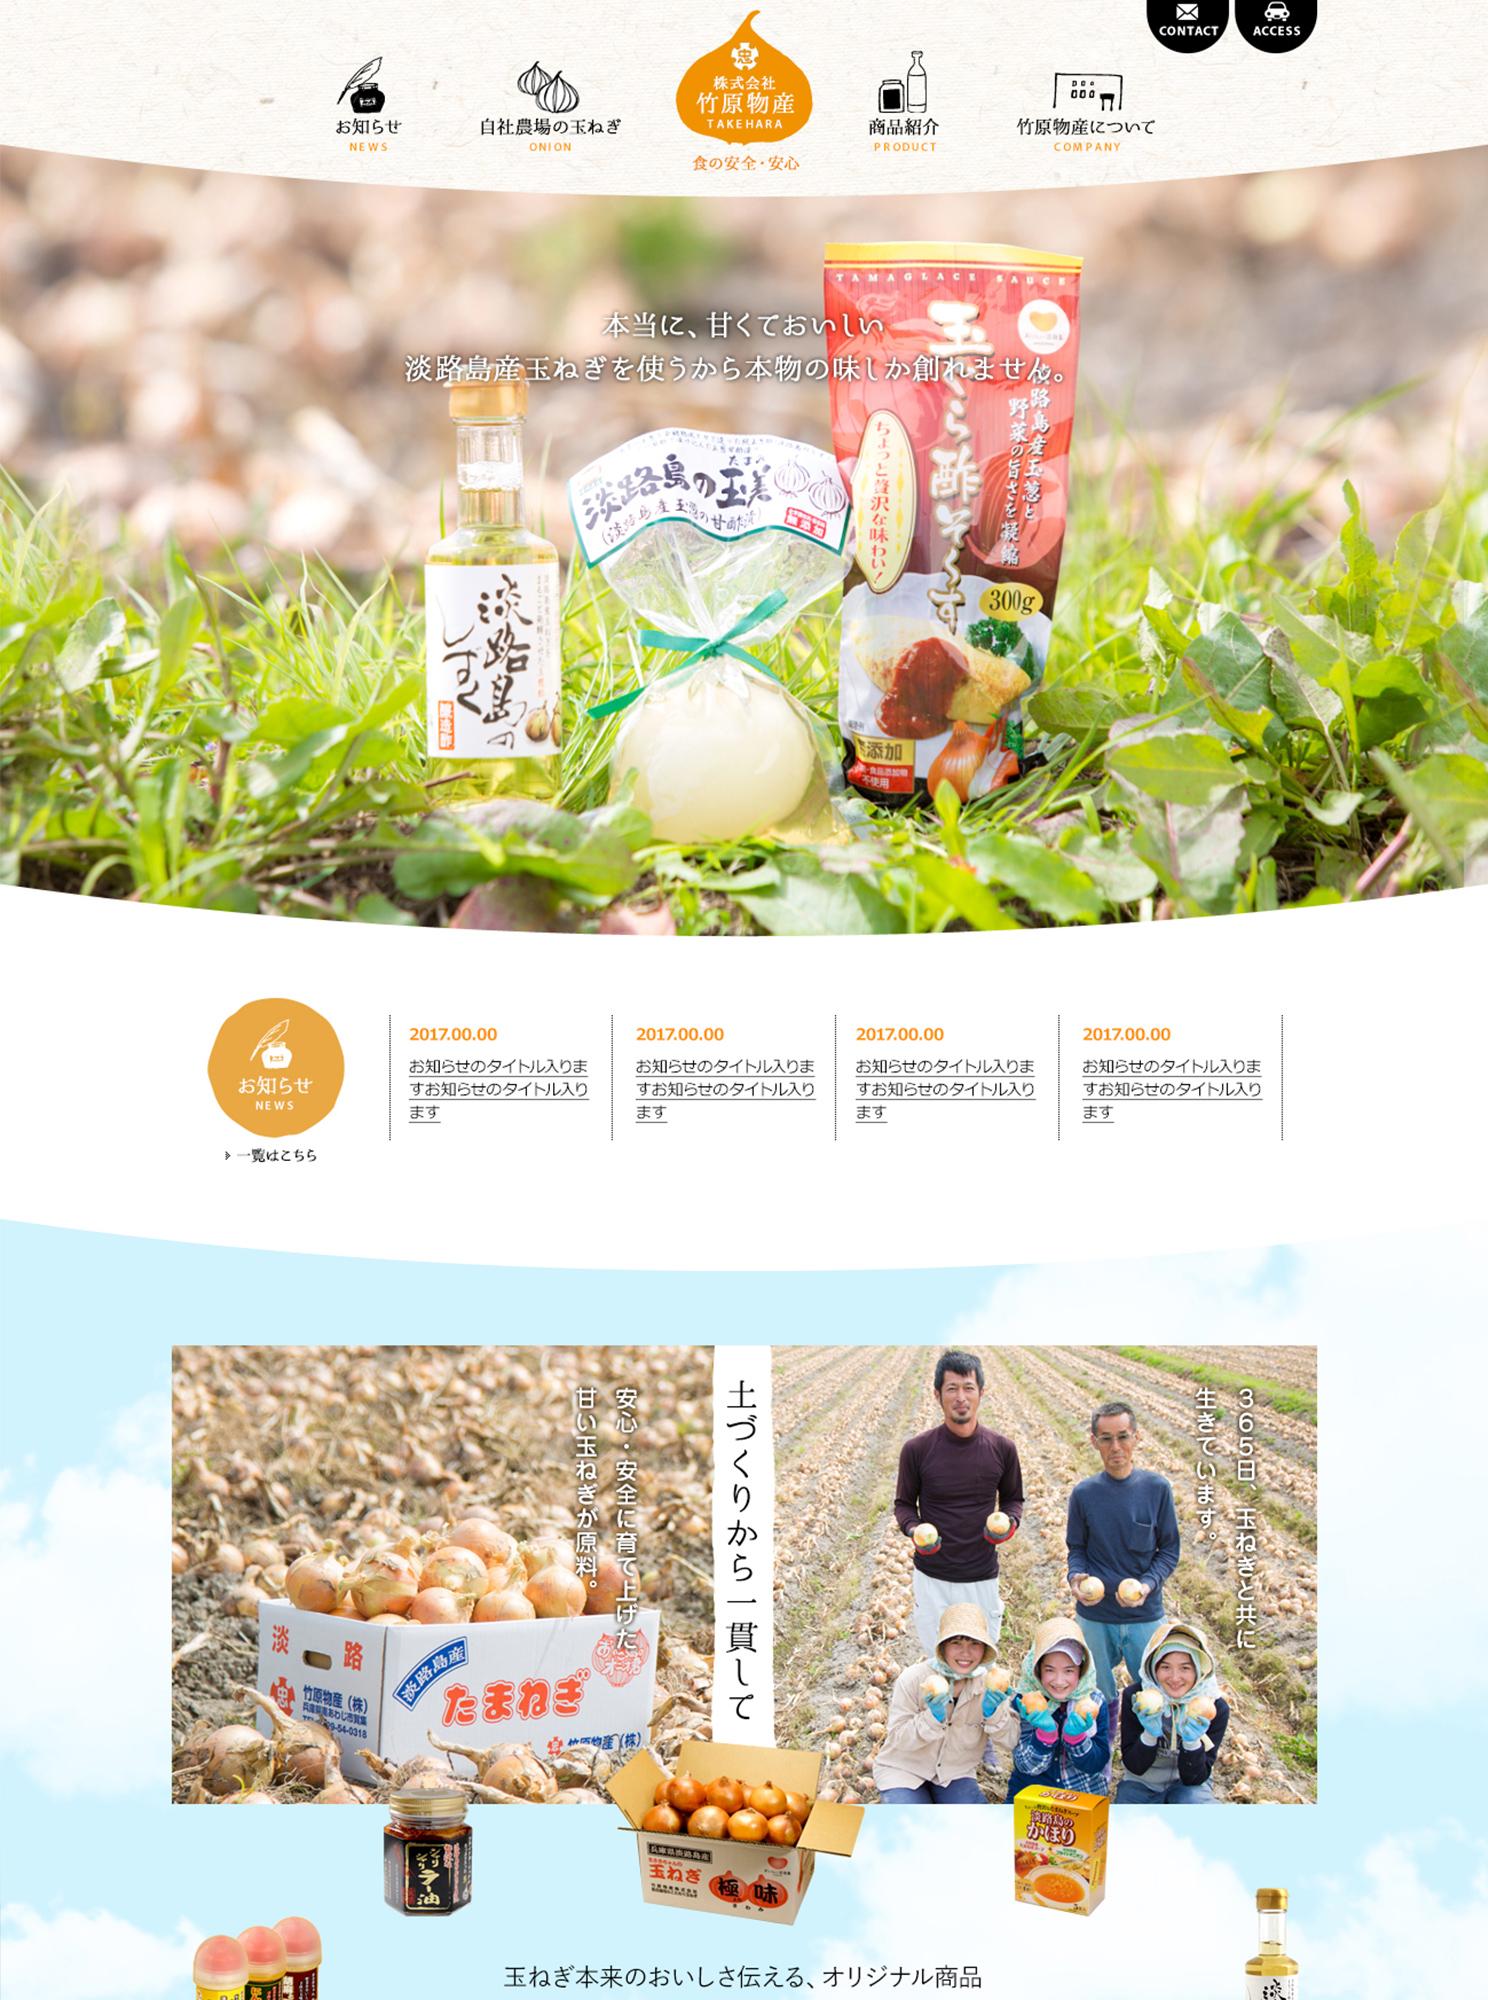 竹原物産様ホームページ制作